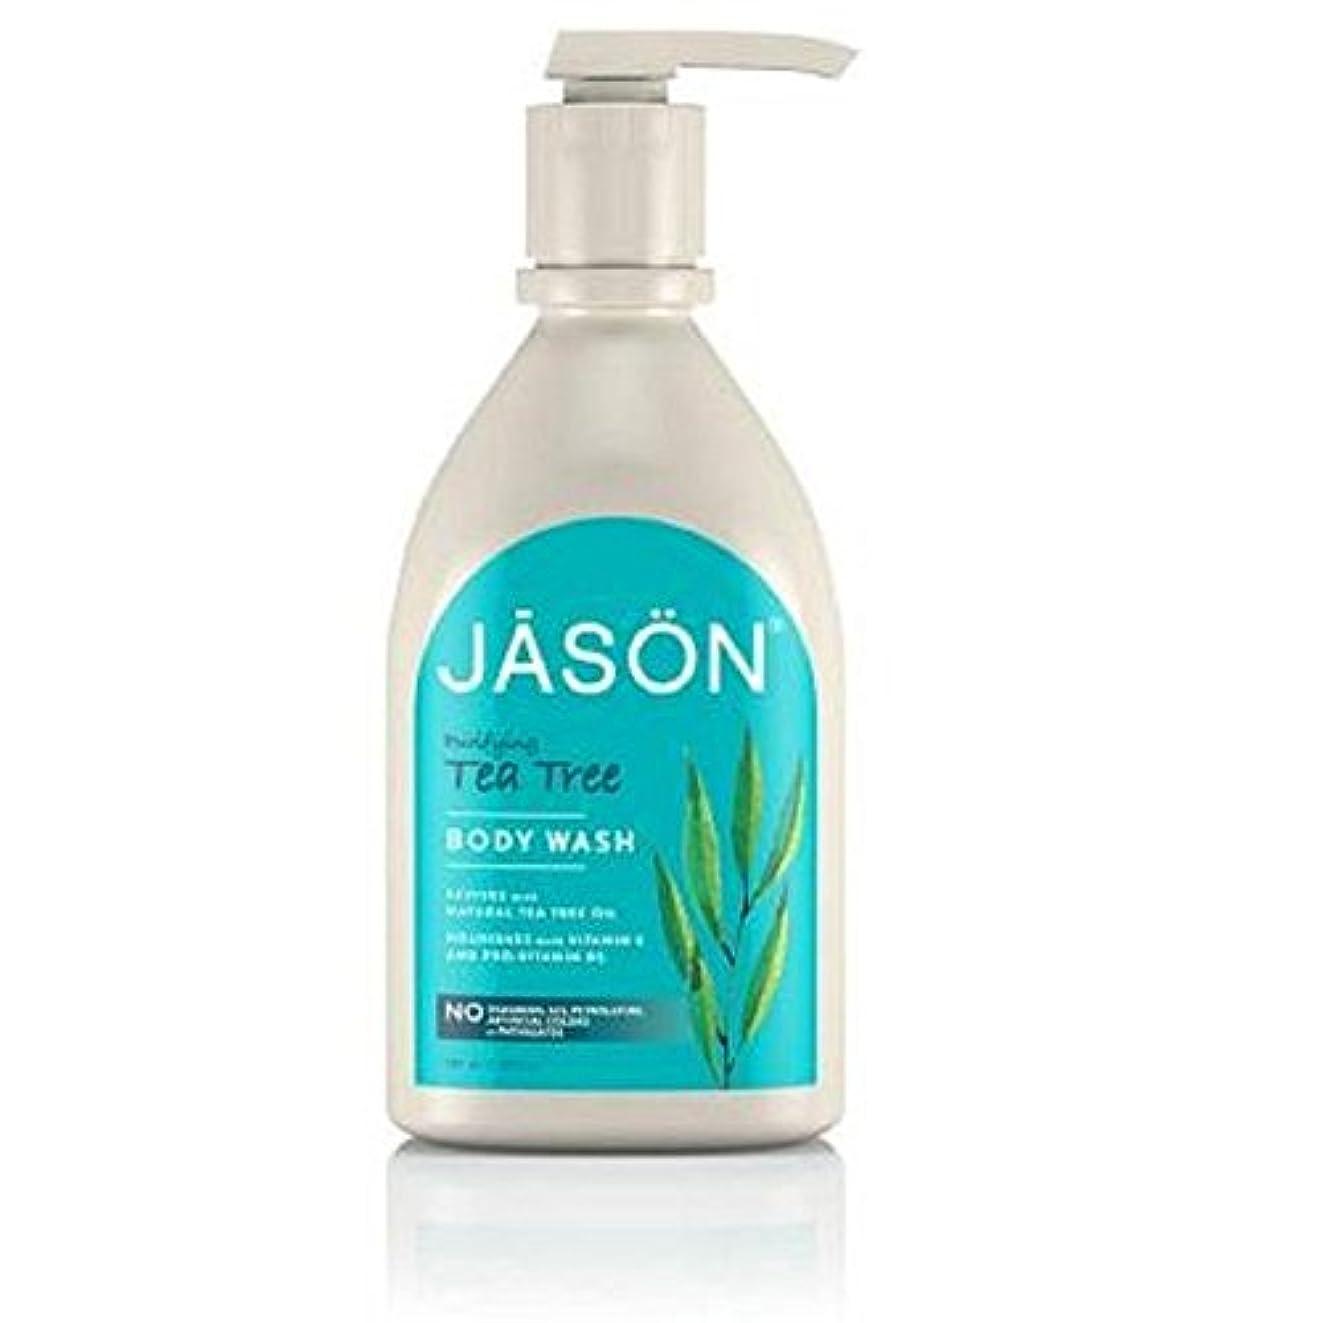 物理的なマザーランド援助するジェイソン?ティーツリーサテンボディウォッシュポンプ900ミリリットル x2 - Jason Tea Tree Satin Body Wash Pump 900ml (Pack of 2) [並行輸入品]